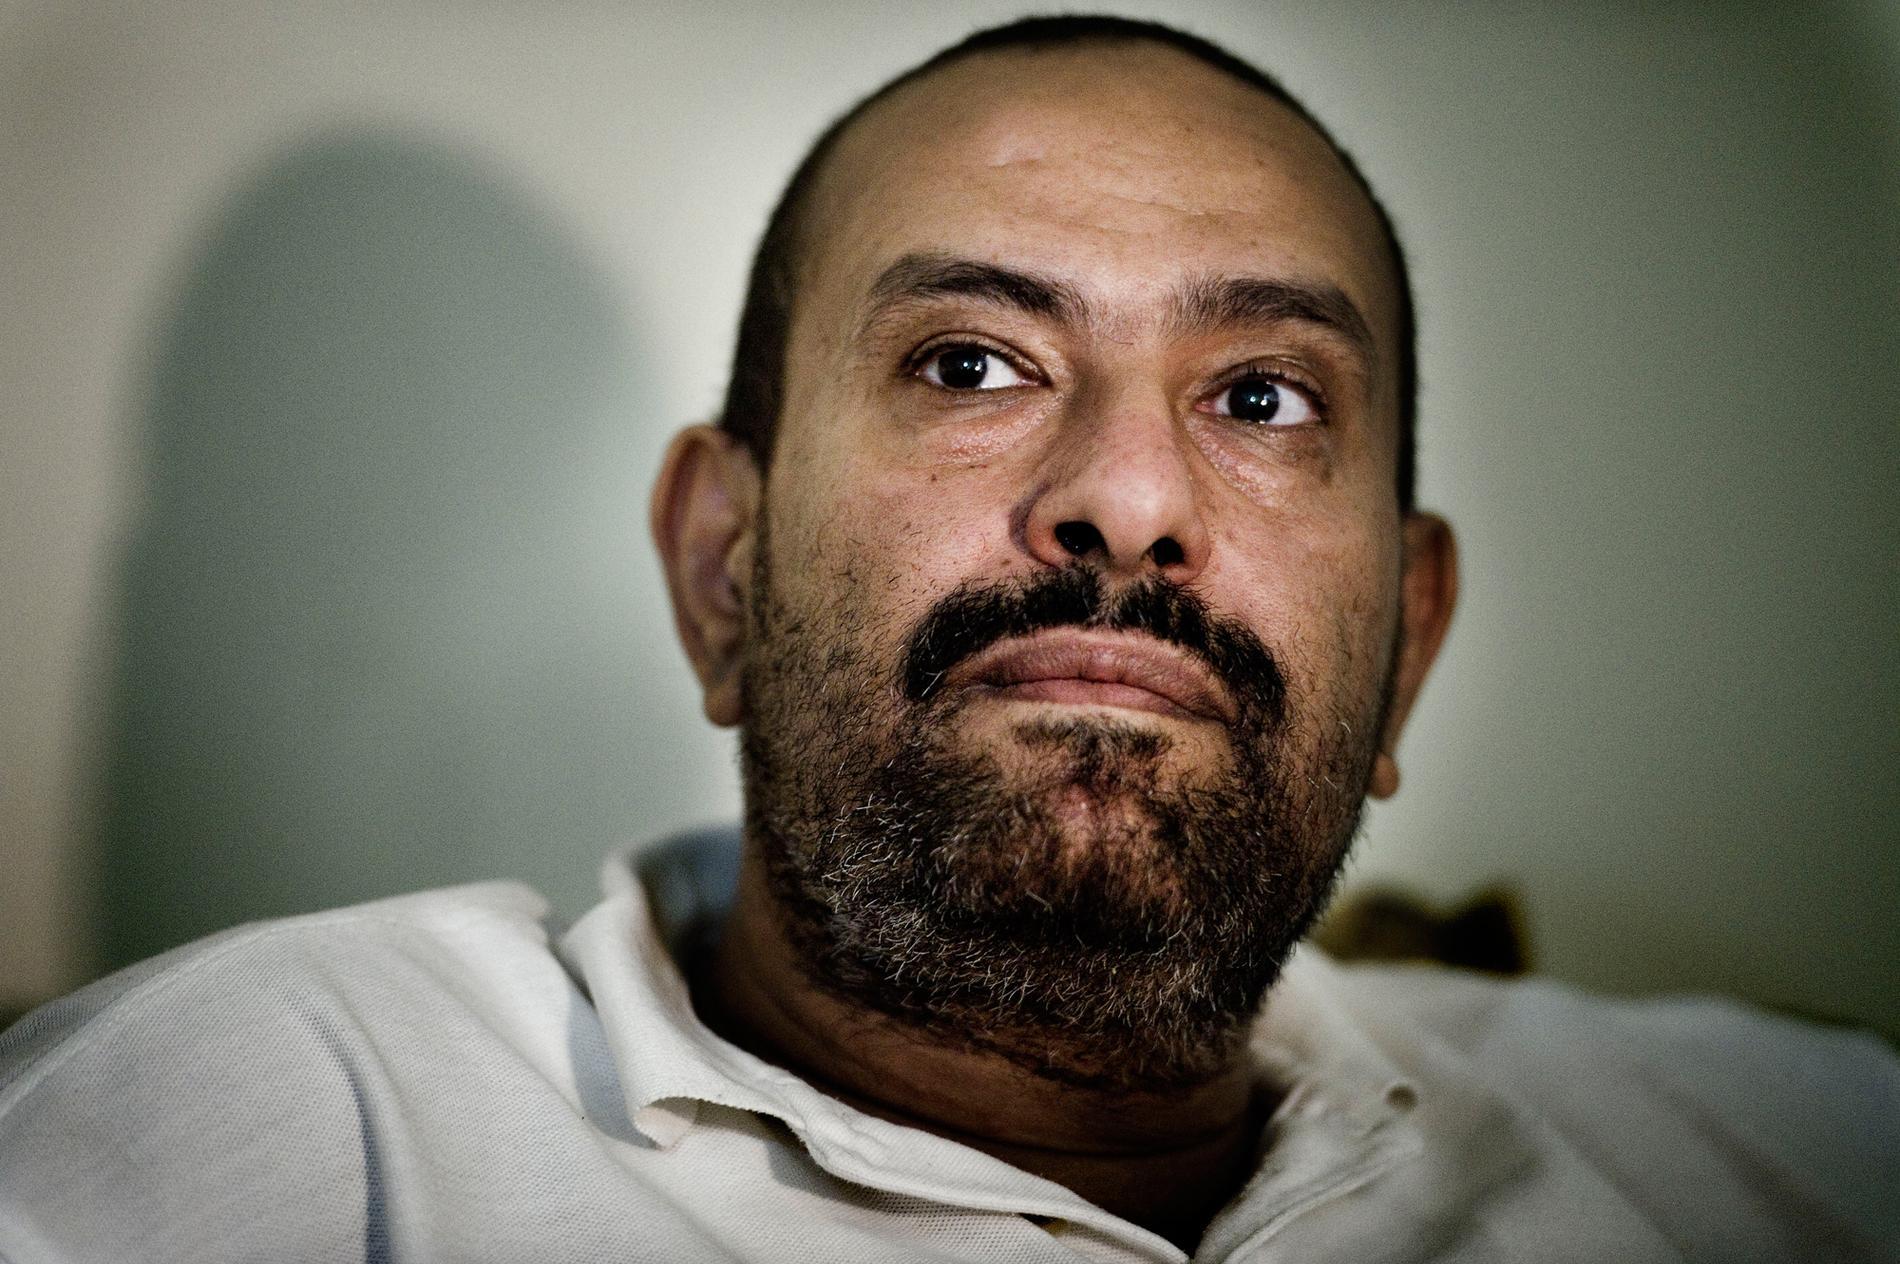 UTSATTES FÖR TORTYR I tio år satt Aghmed Agiza fängslad i Egypten efter avvisningen från Sverige.